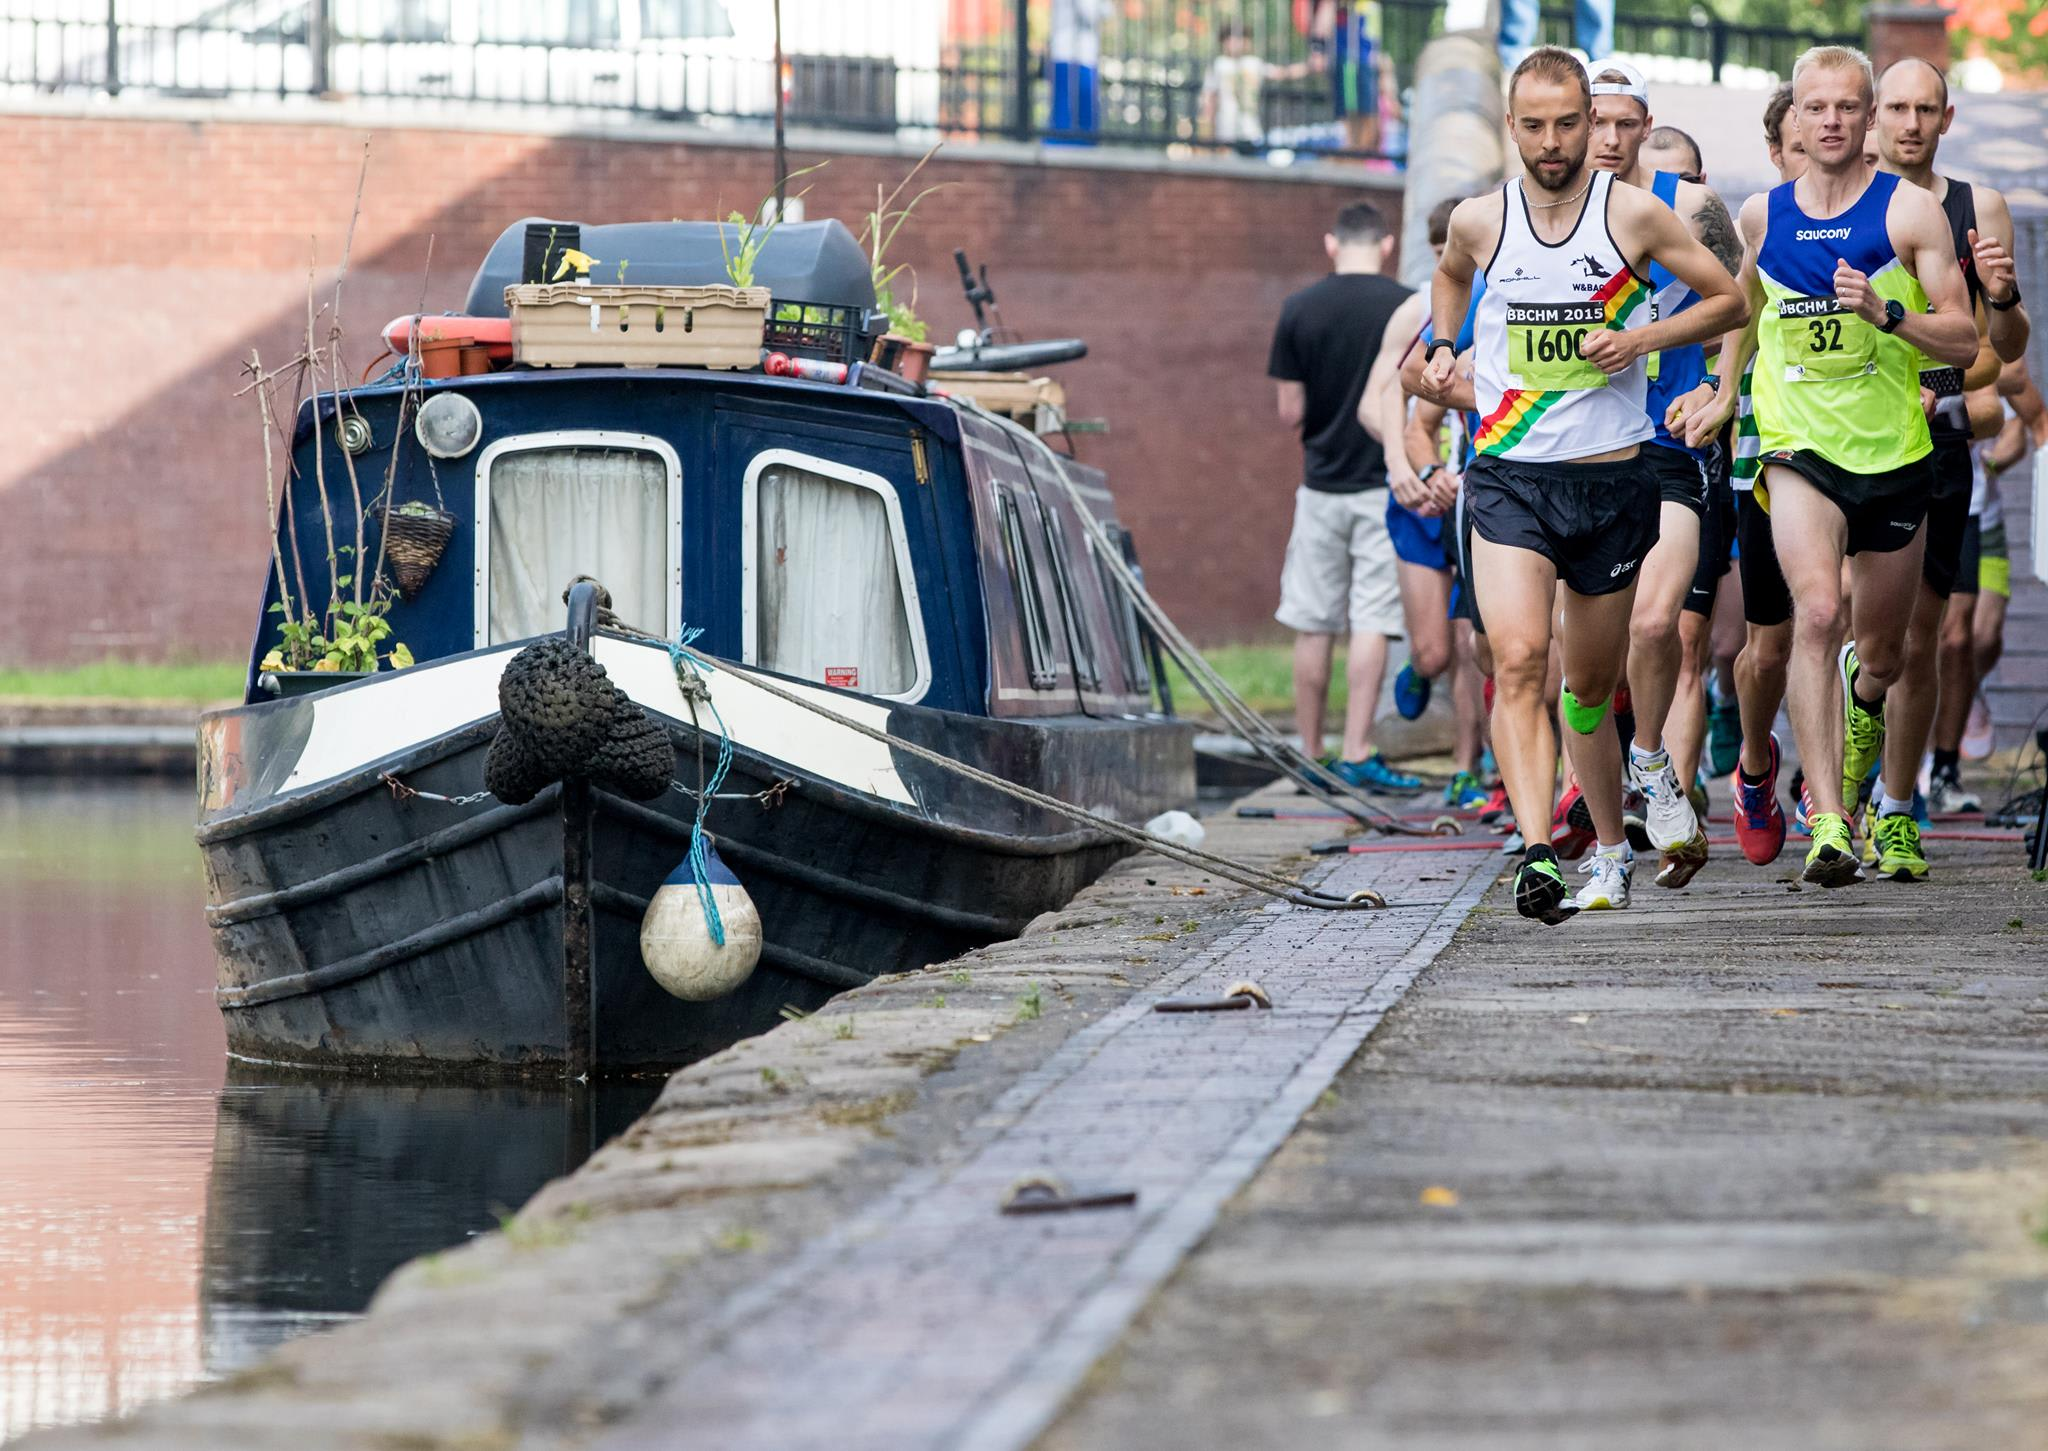 Erewash Half Marathon 2022